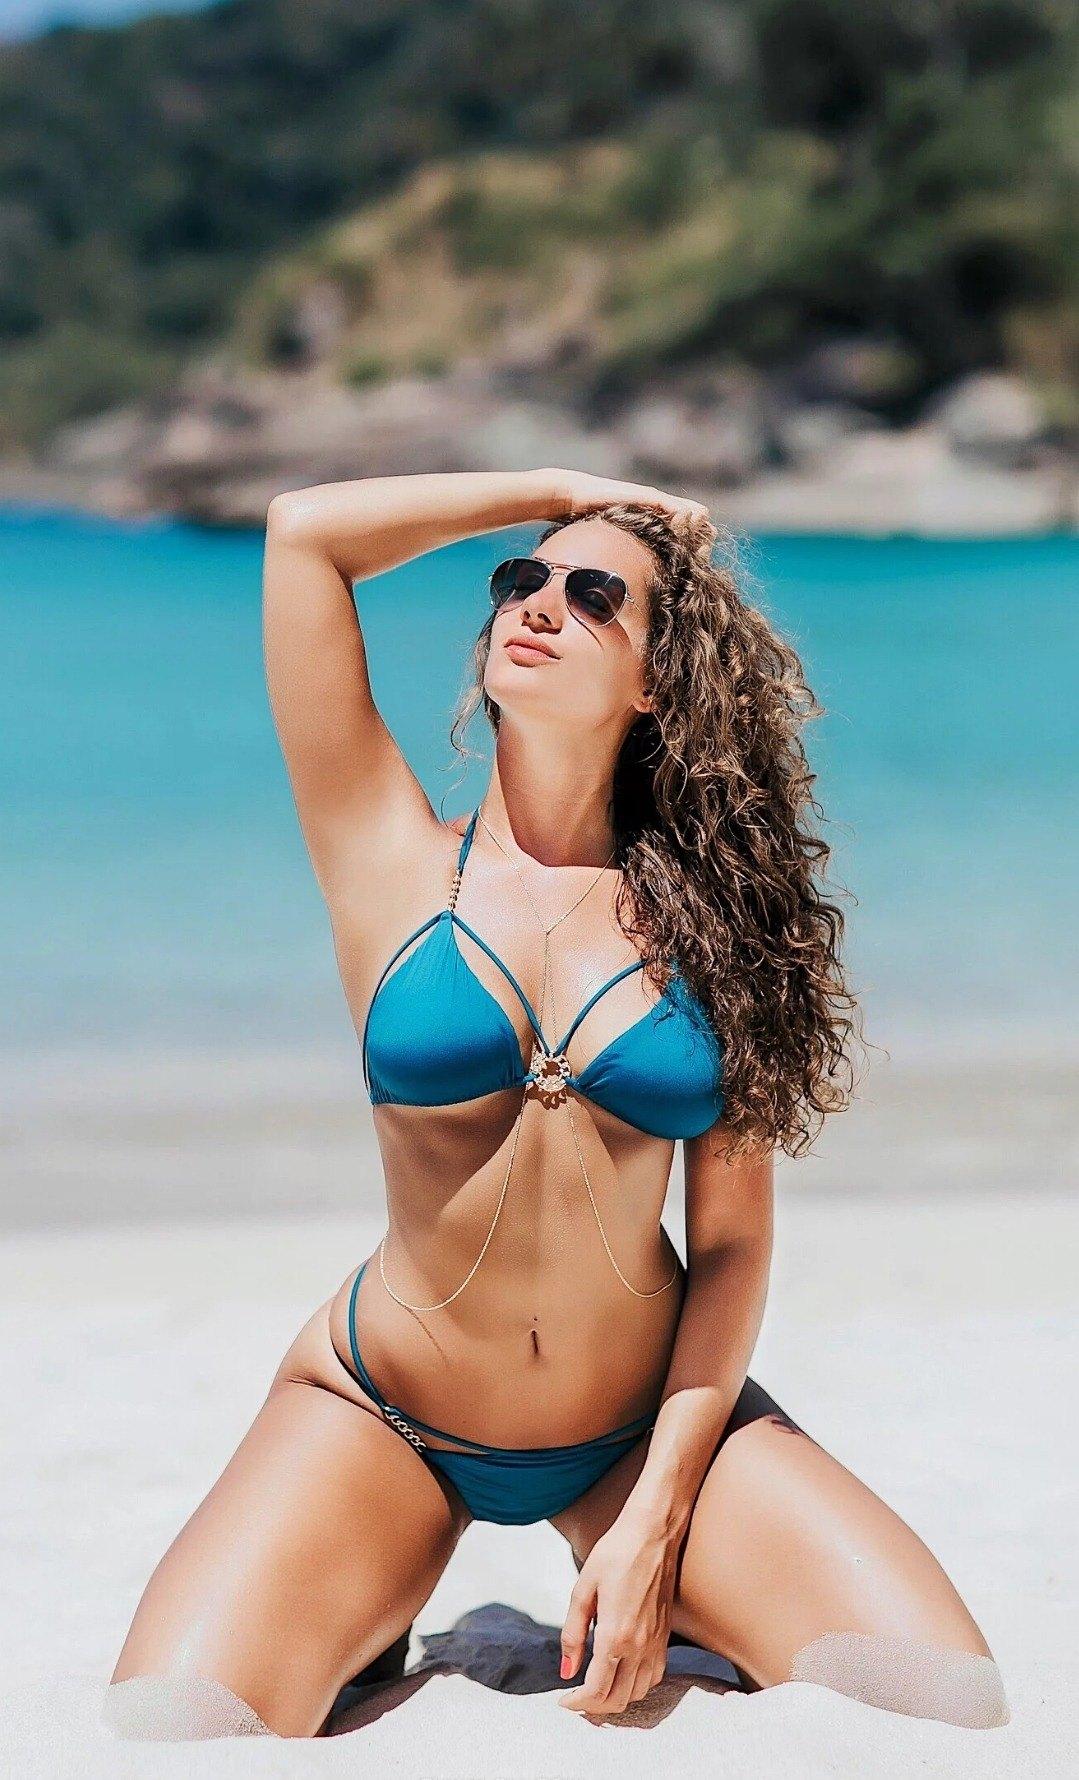 Очень сексуальное фото кудрявой дамы в синем купальнике